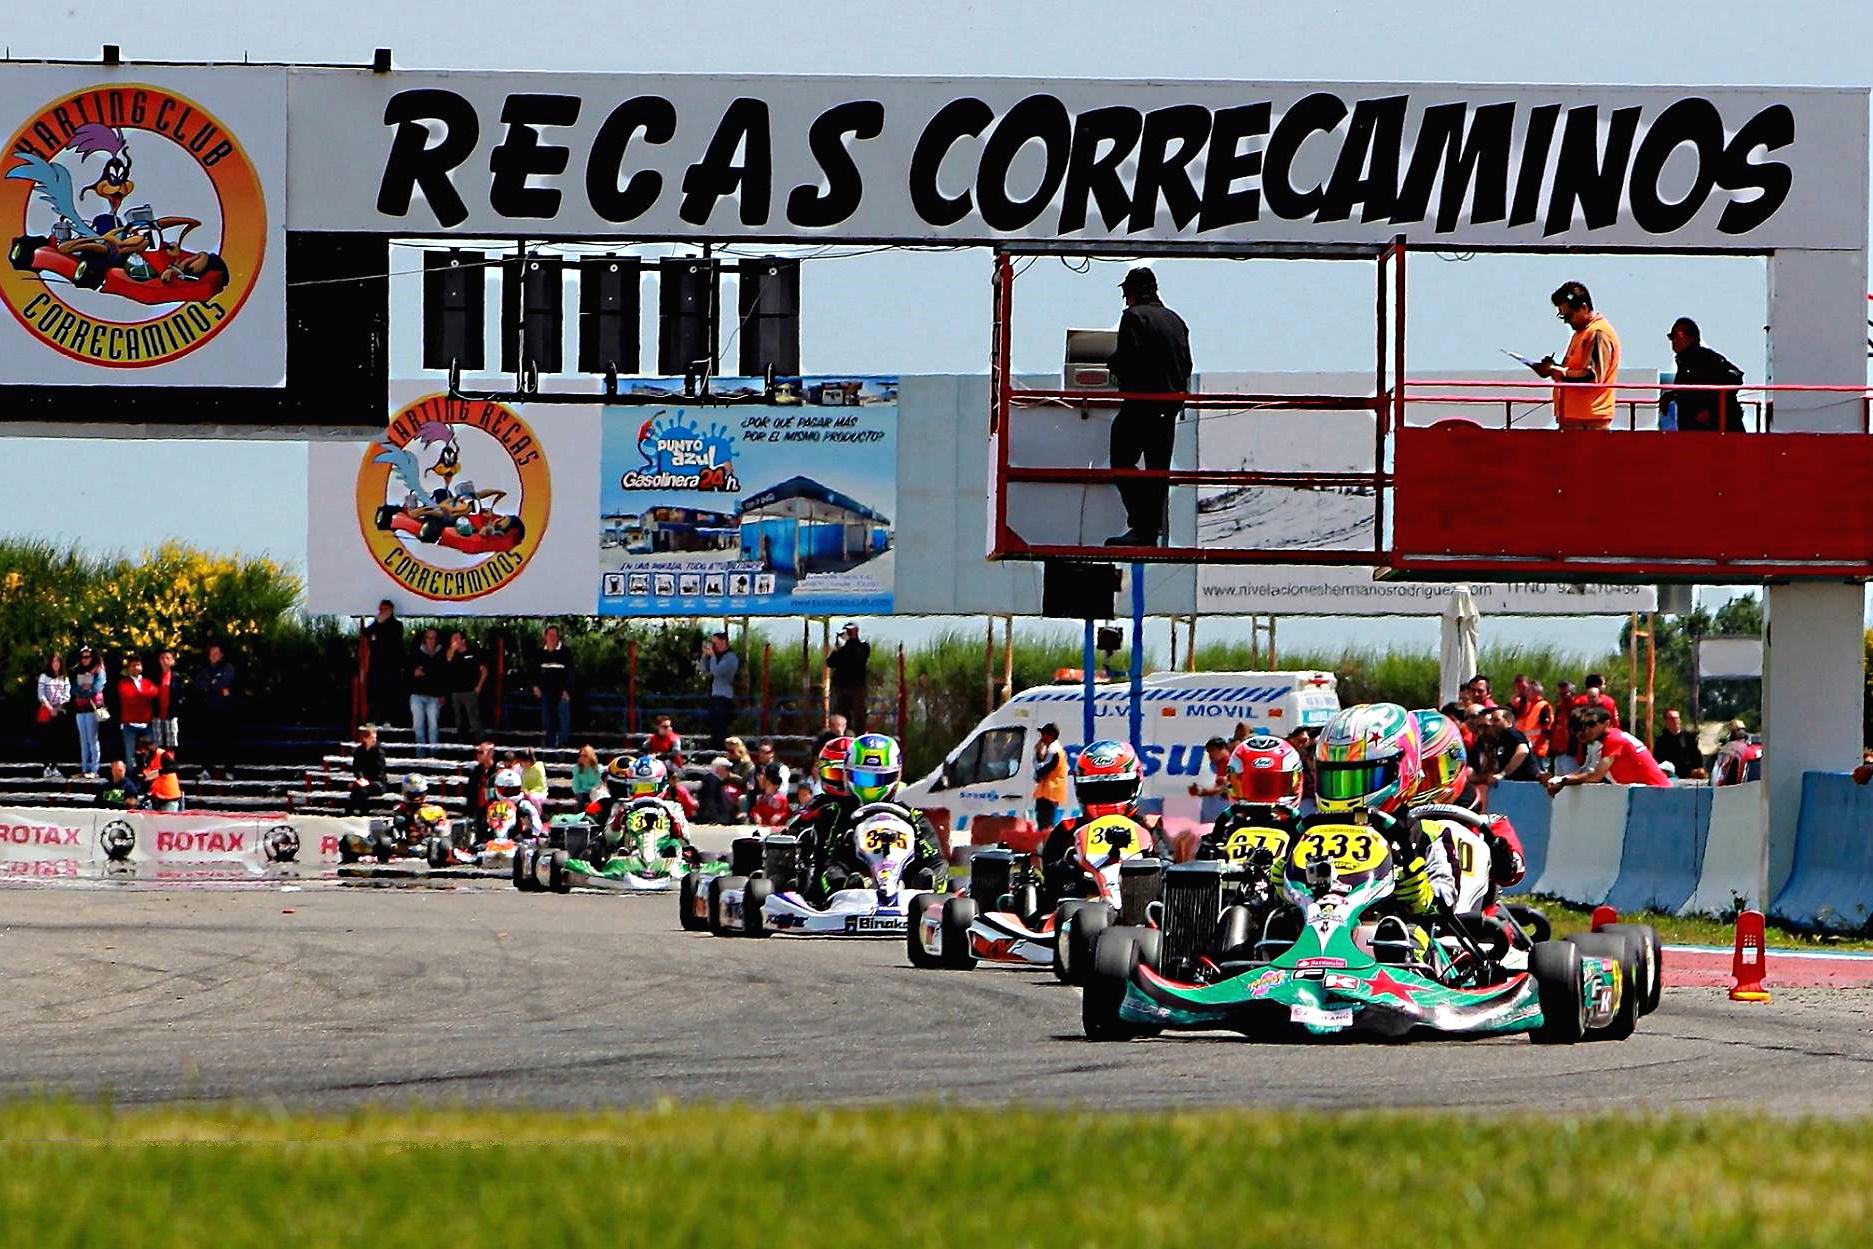 Tal día como hoy - Series Rotax, Recas 27 abril, 2014.